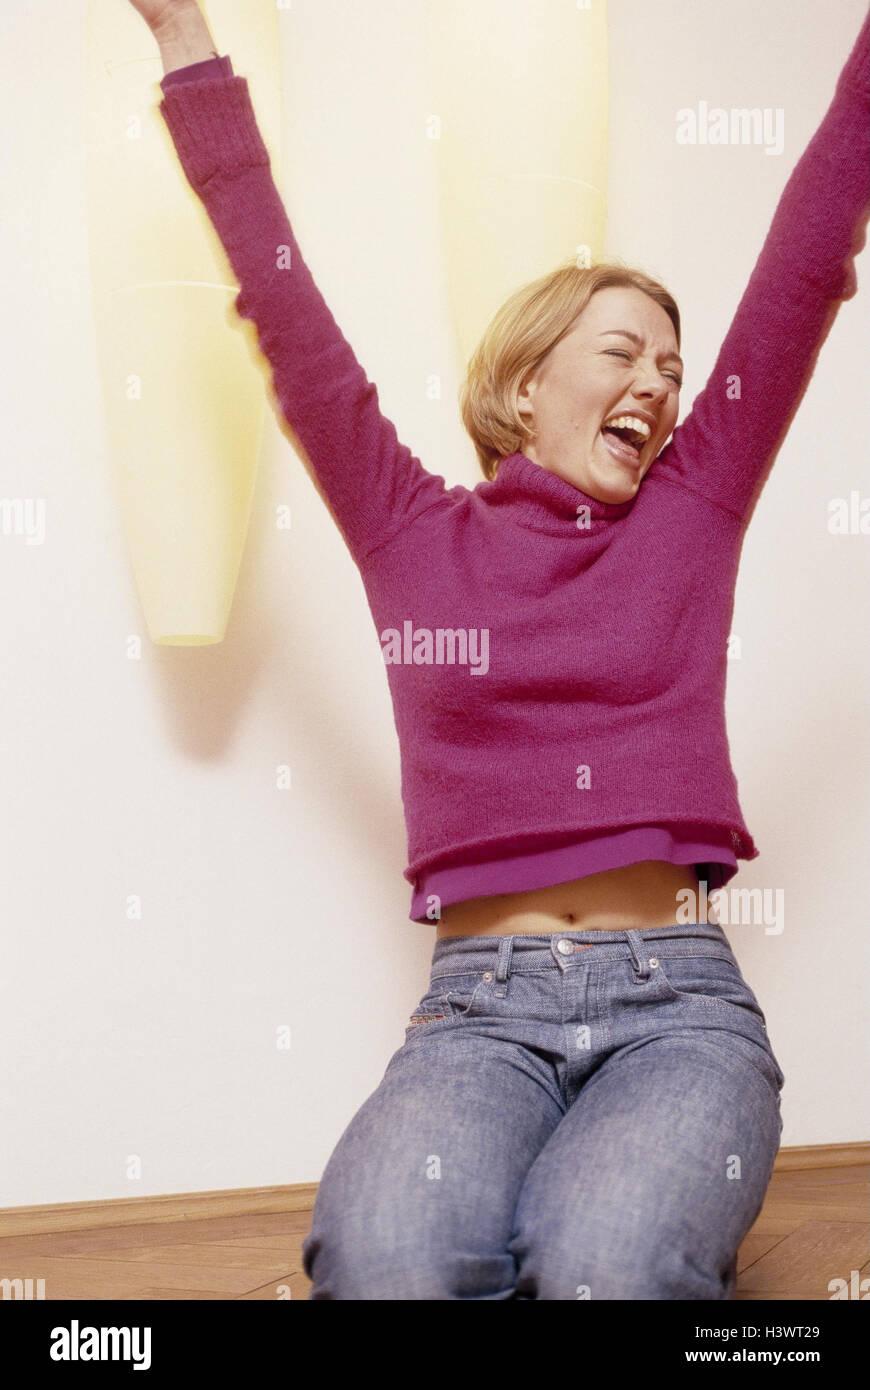 Frau, Knien, glücklich, Stock, Geste, jubeln, Modell veröffentlicht ...